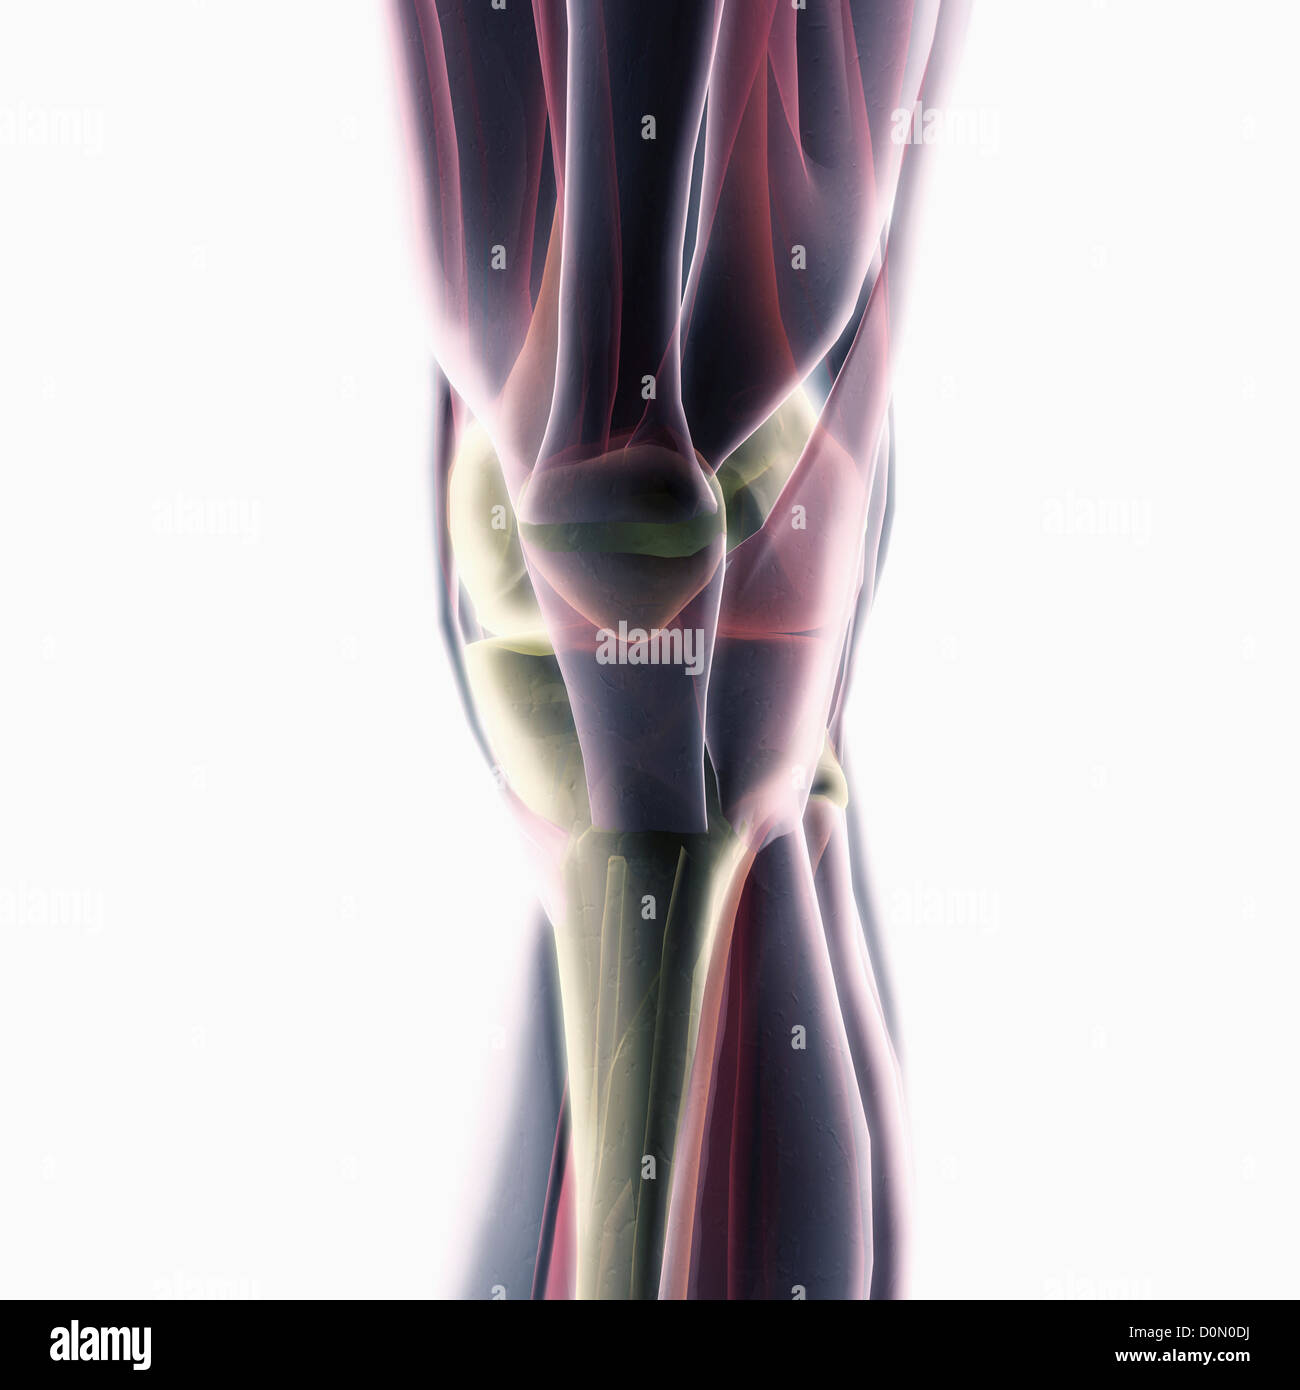 Modelo anatómico que muestra la estructura muscular de la rodilla. Imagen De Stock